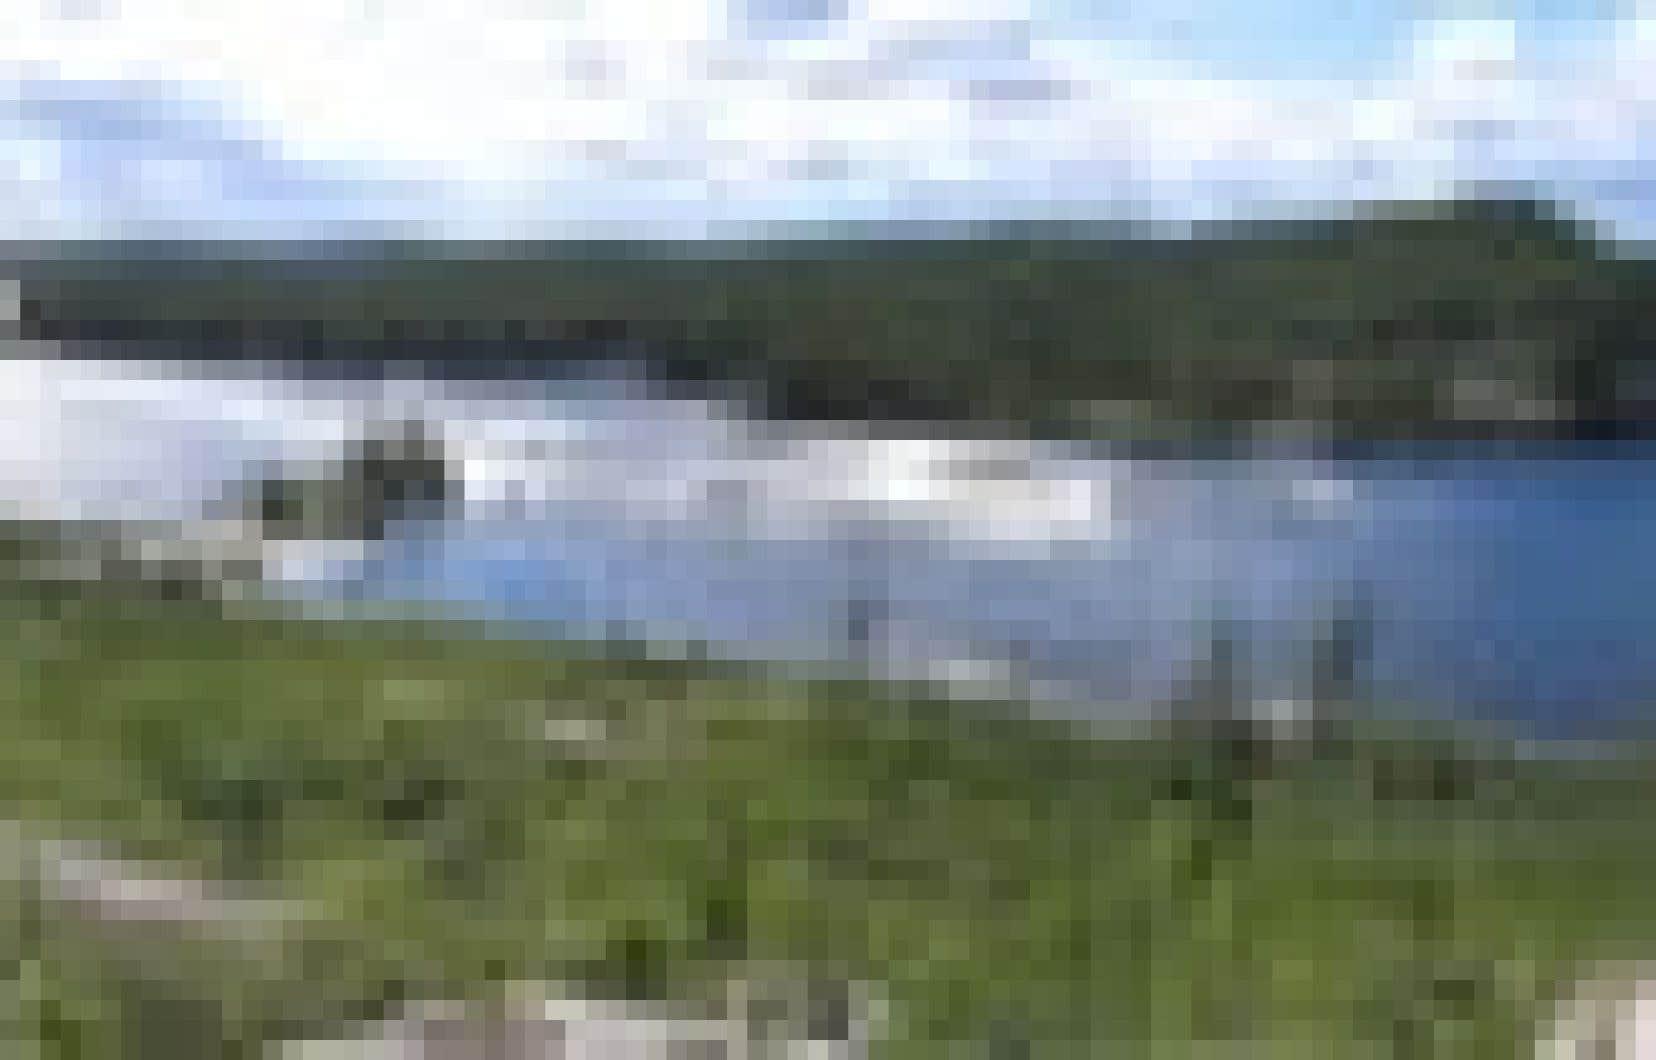 Un barrage de 20 mètres retiendra 70 % de l'eau de la Rupert à cet endroit, connu comme le kilomètre 314. Le niveau ainsi rehaussé pourra franchir la limite nord du bassin versant, sur la gauche de notre photo, et s'écouler vers le bassin de l